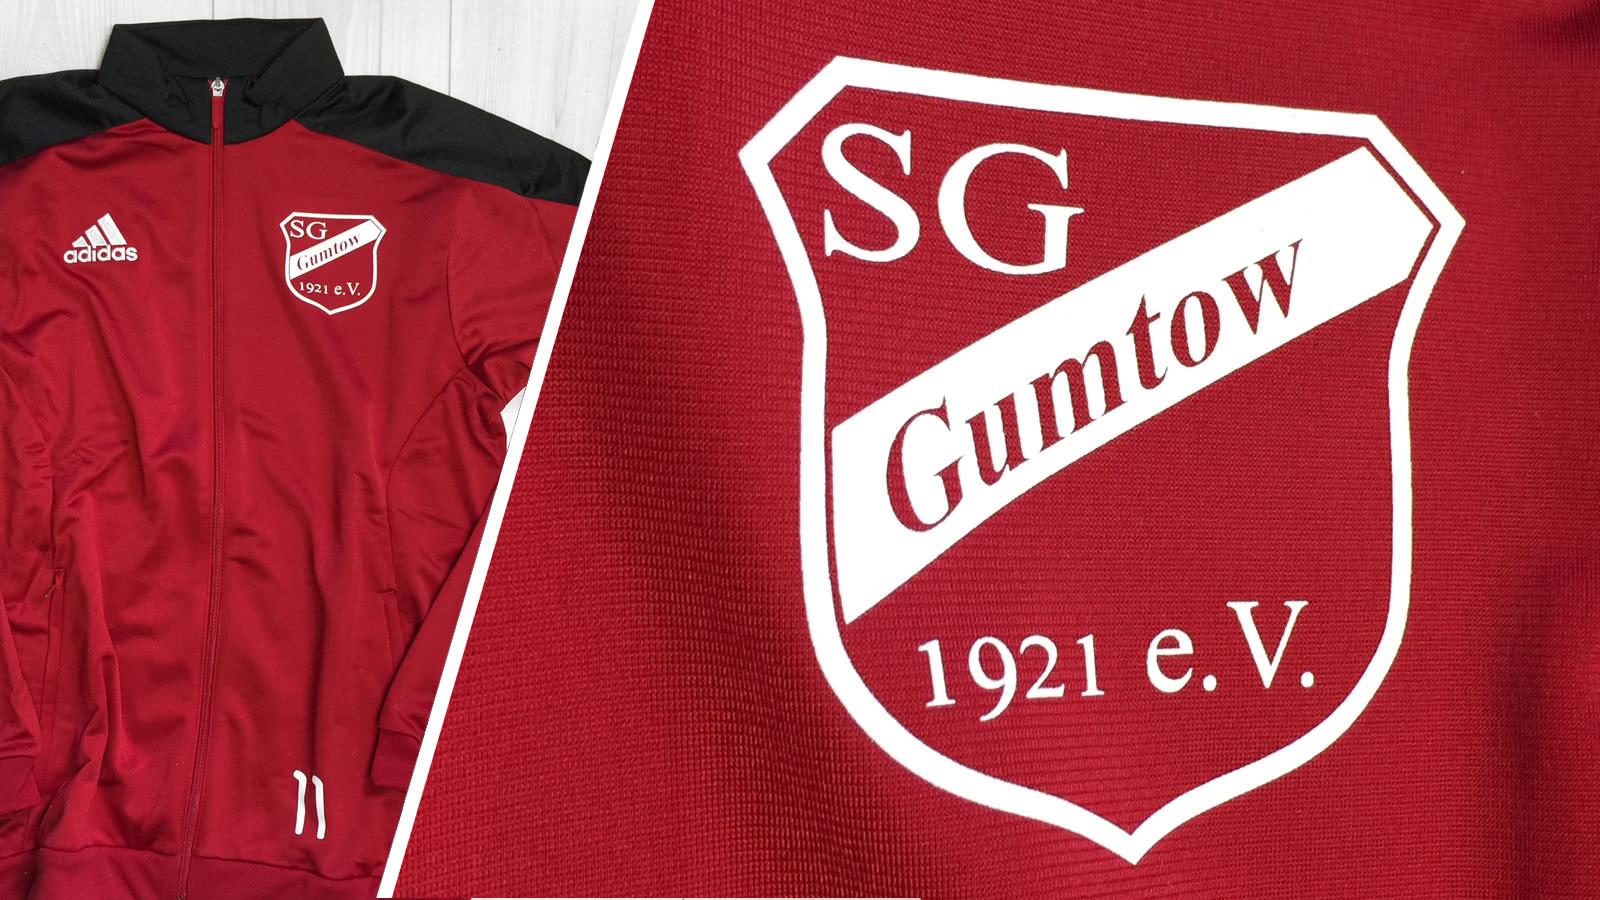 Der Trainingsanzug mit Bedruckung der SG Gumtow als Beispiel